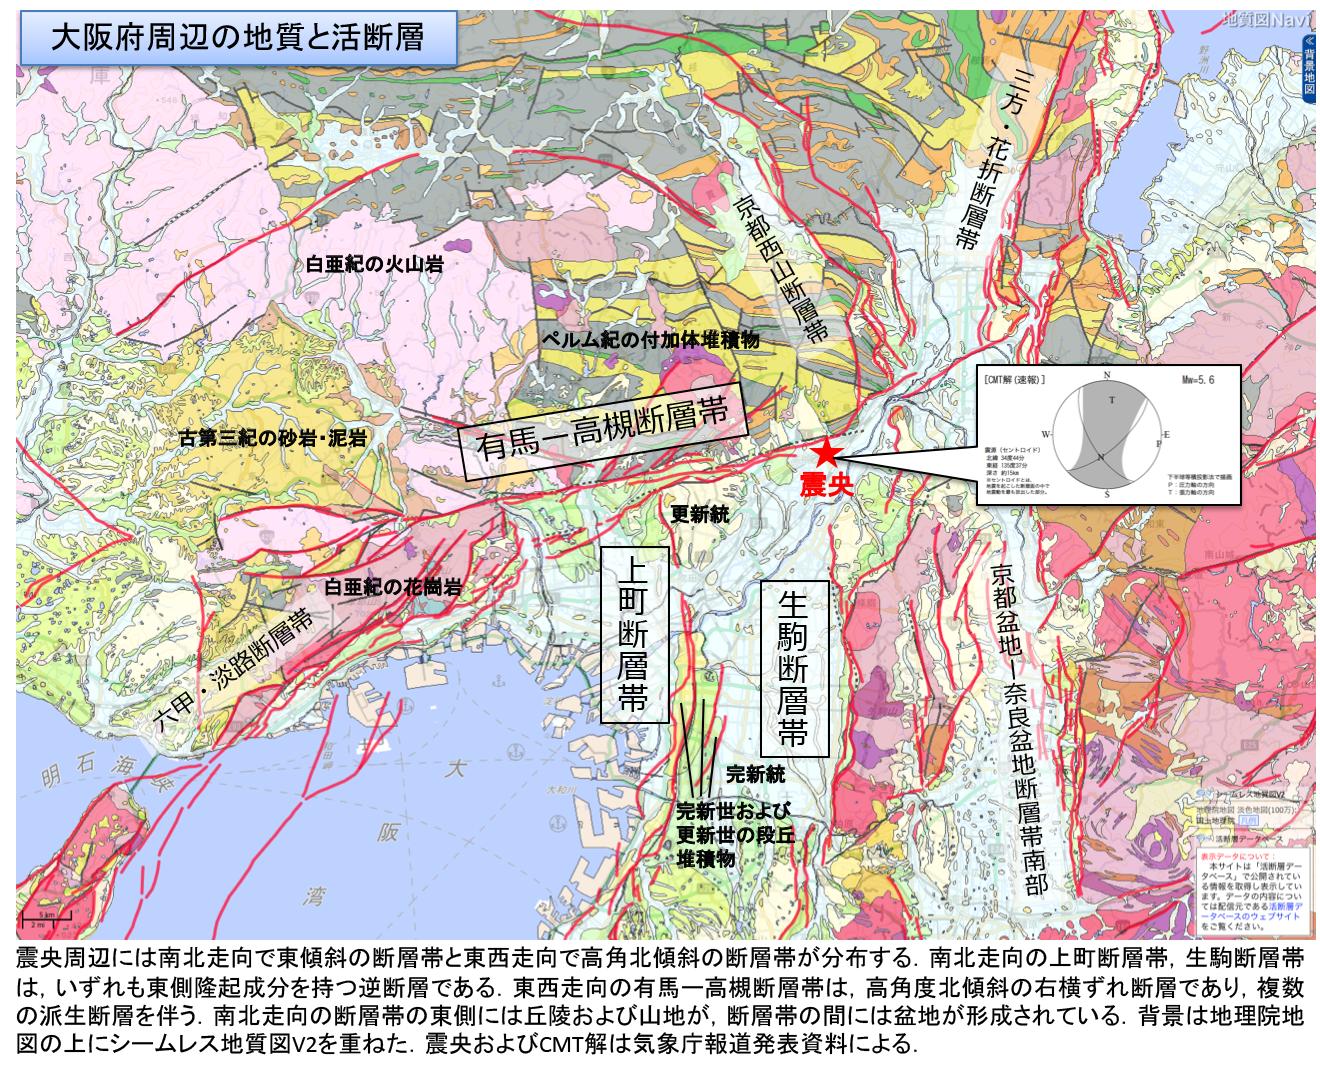 図1 大阪府周辺の地質と活断層